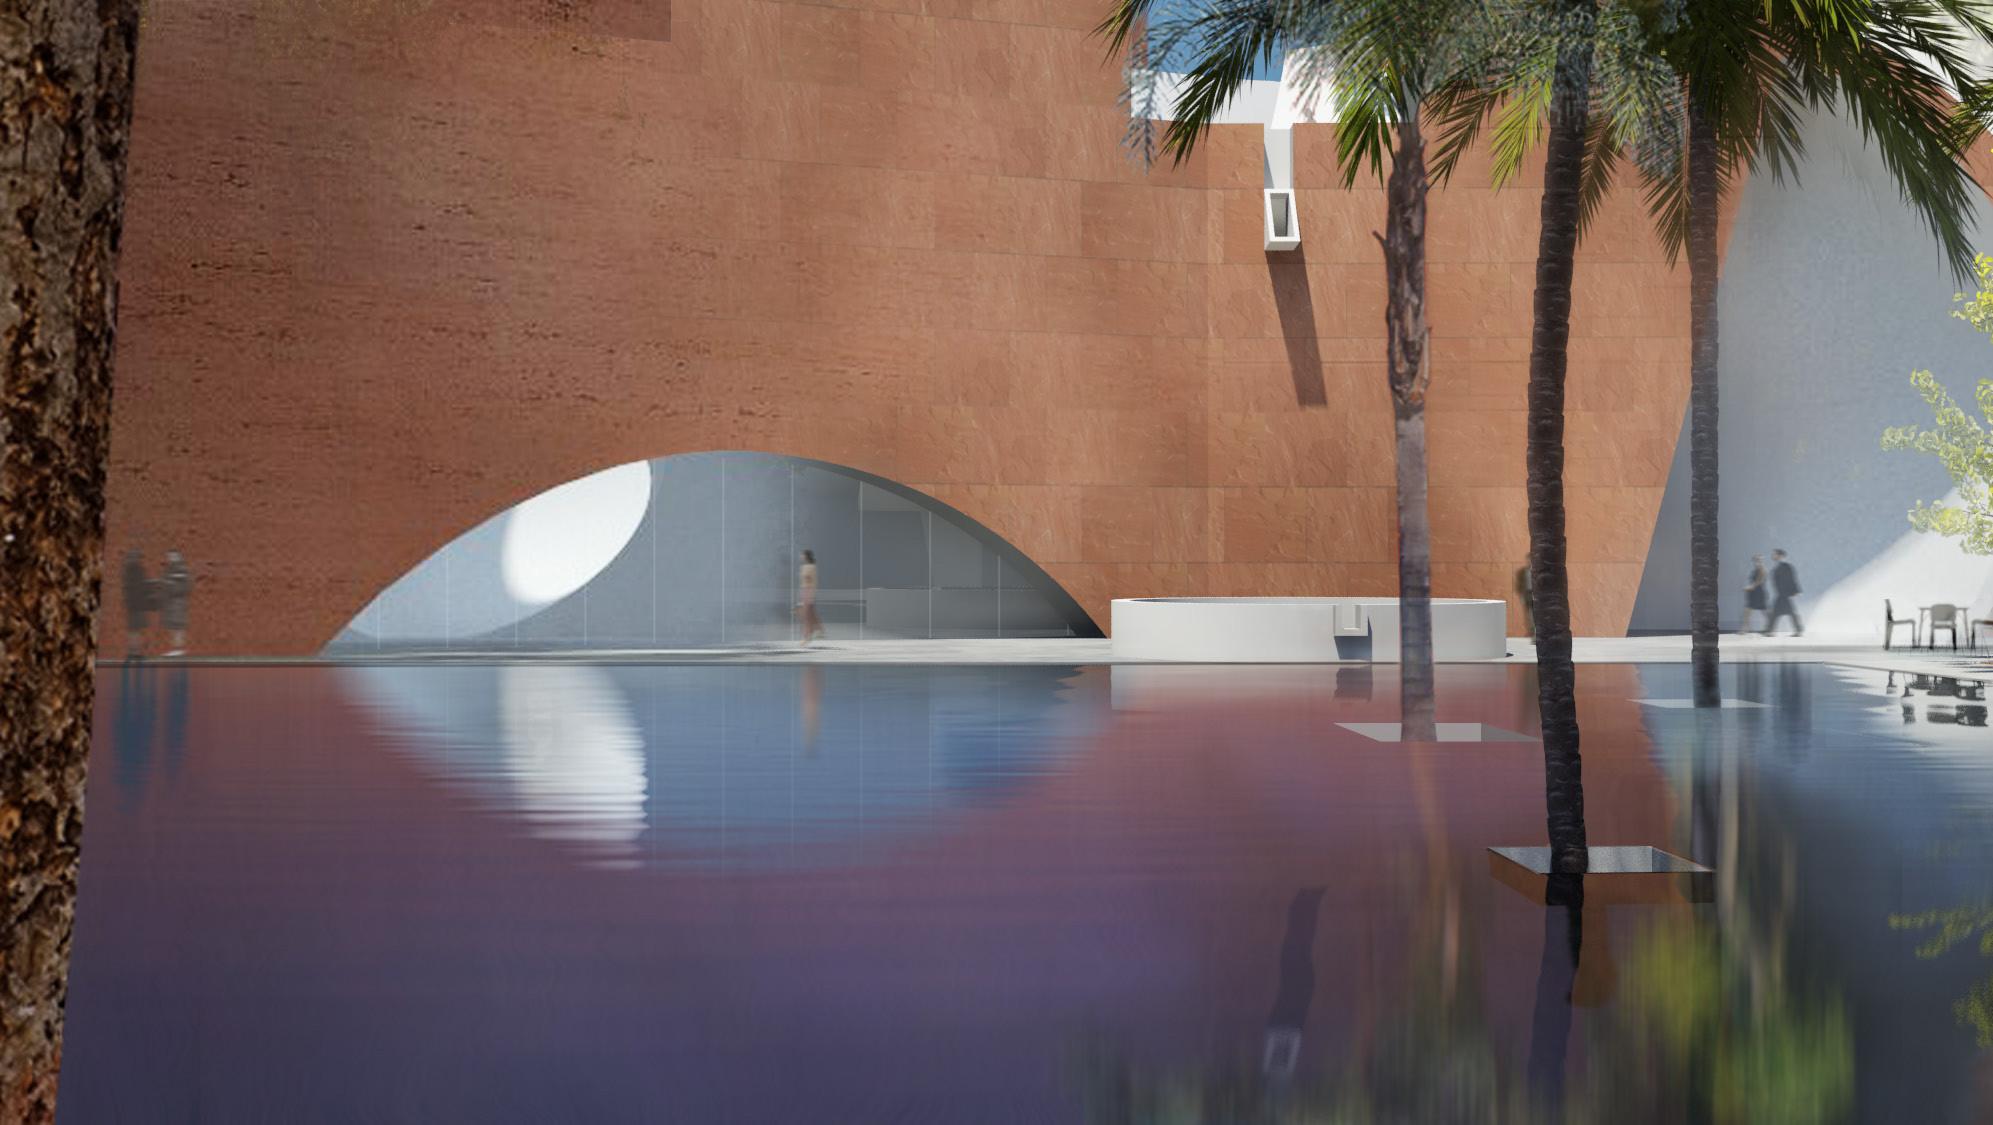 Steven Holl seleccionado para diseñar la nueva ala del Museo de Mumbai